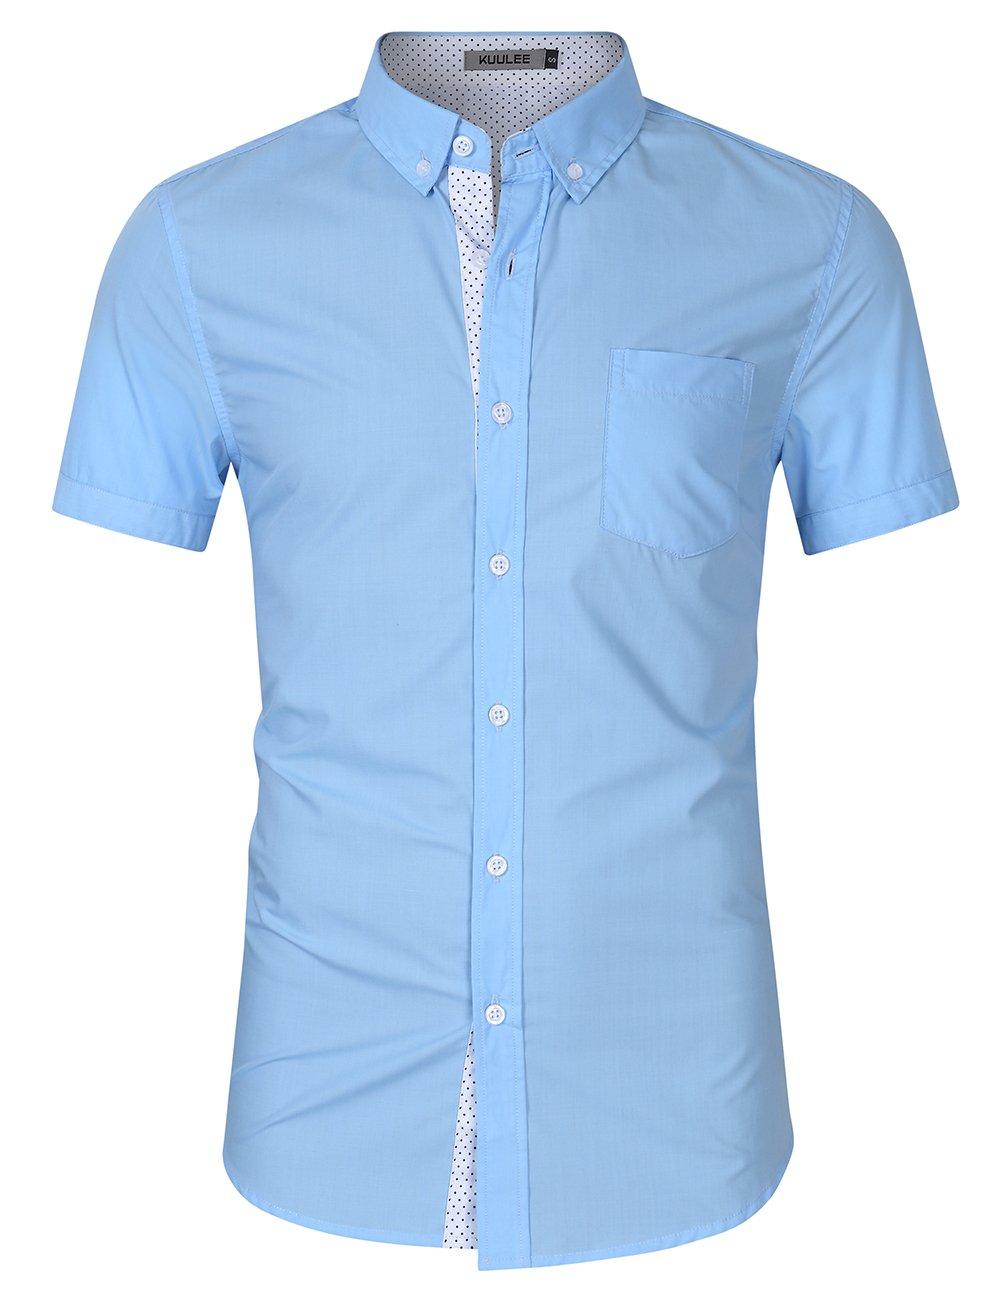 Kuulee Men's Casual Slim Fit Short Sleeve Button Down Business Shirt Cotton Dress Shirts Light Blue XL